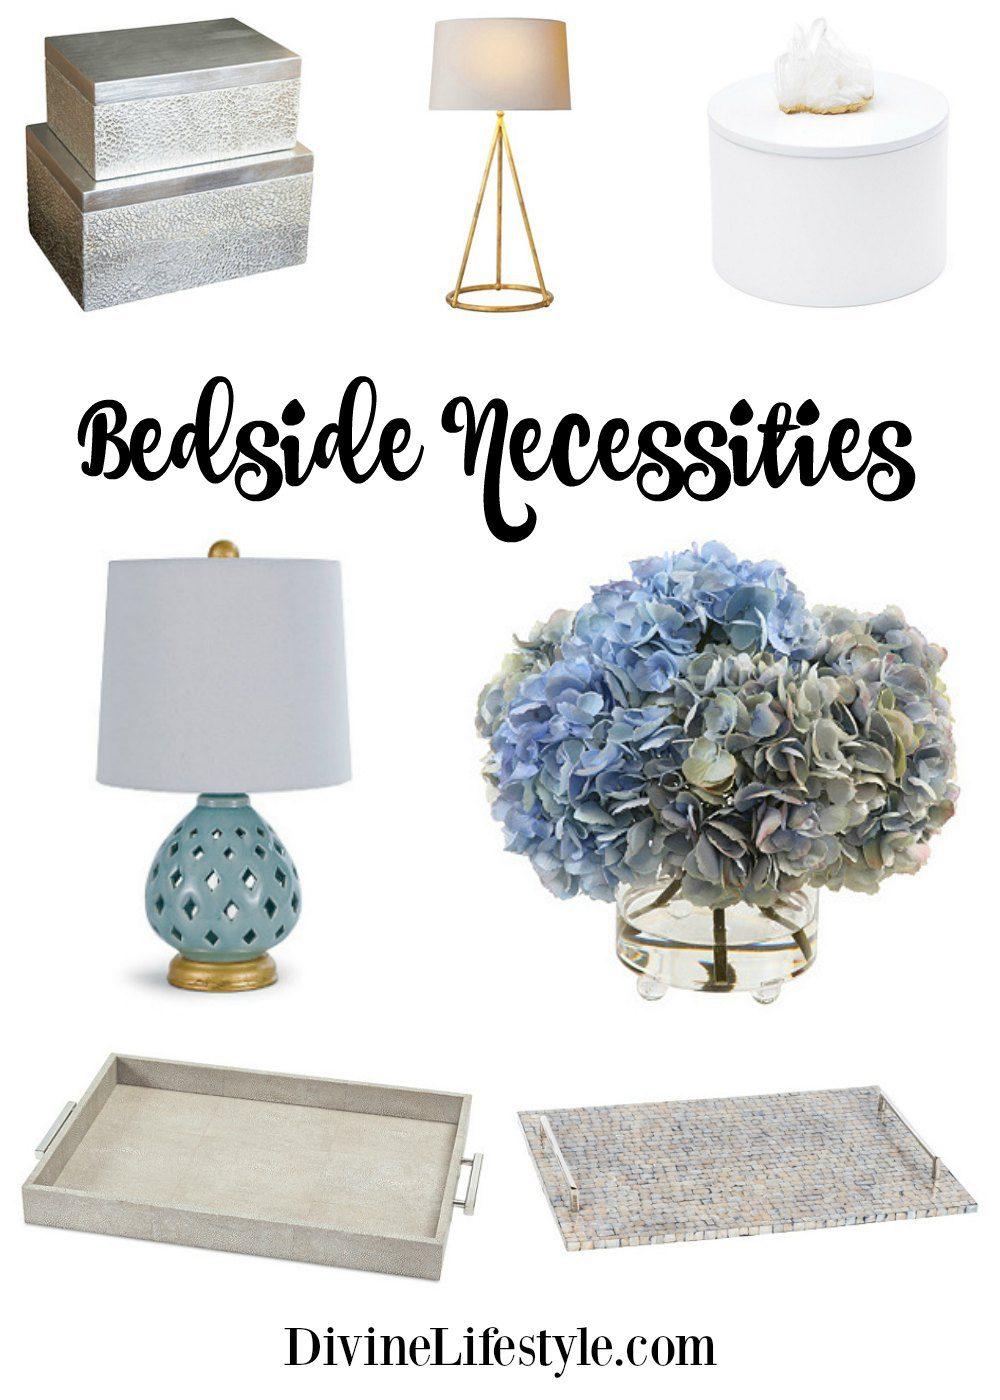 Bedside Necessities